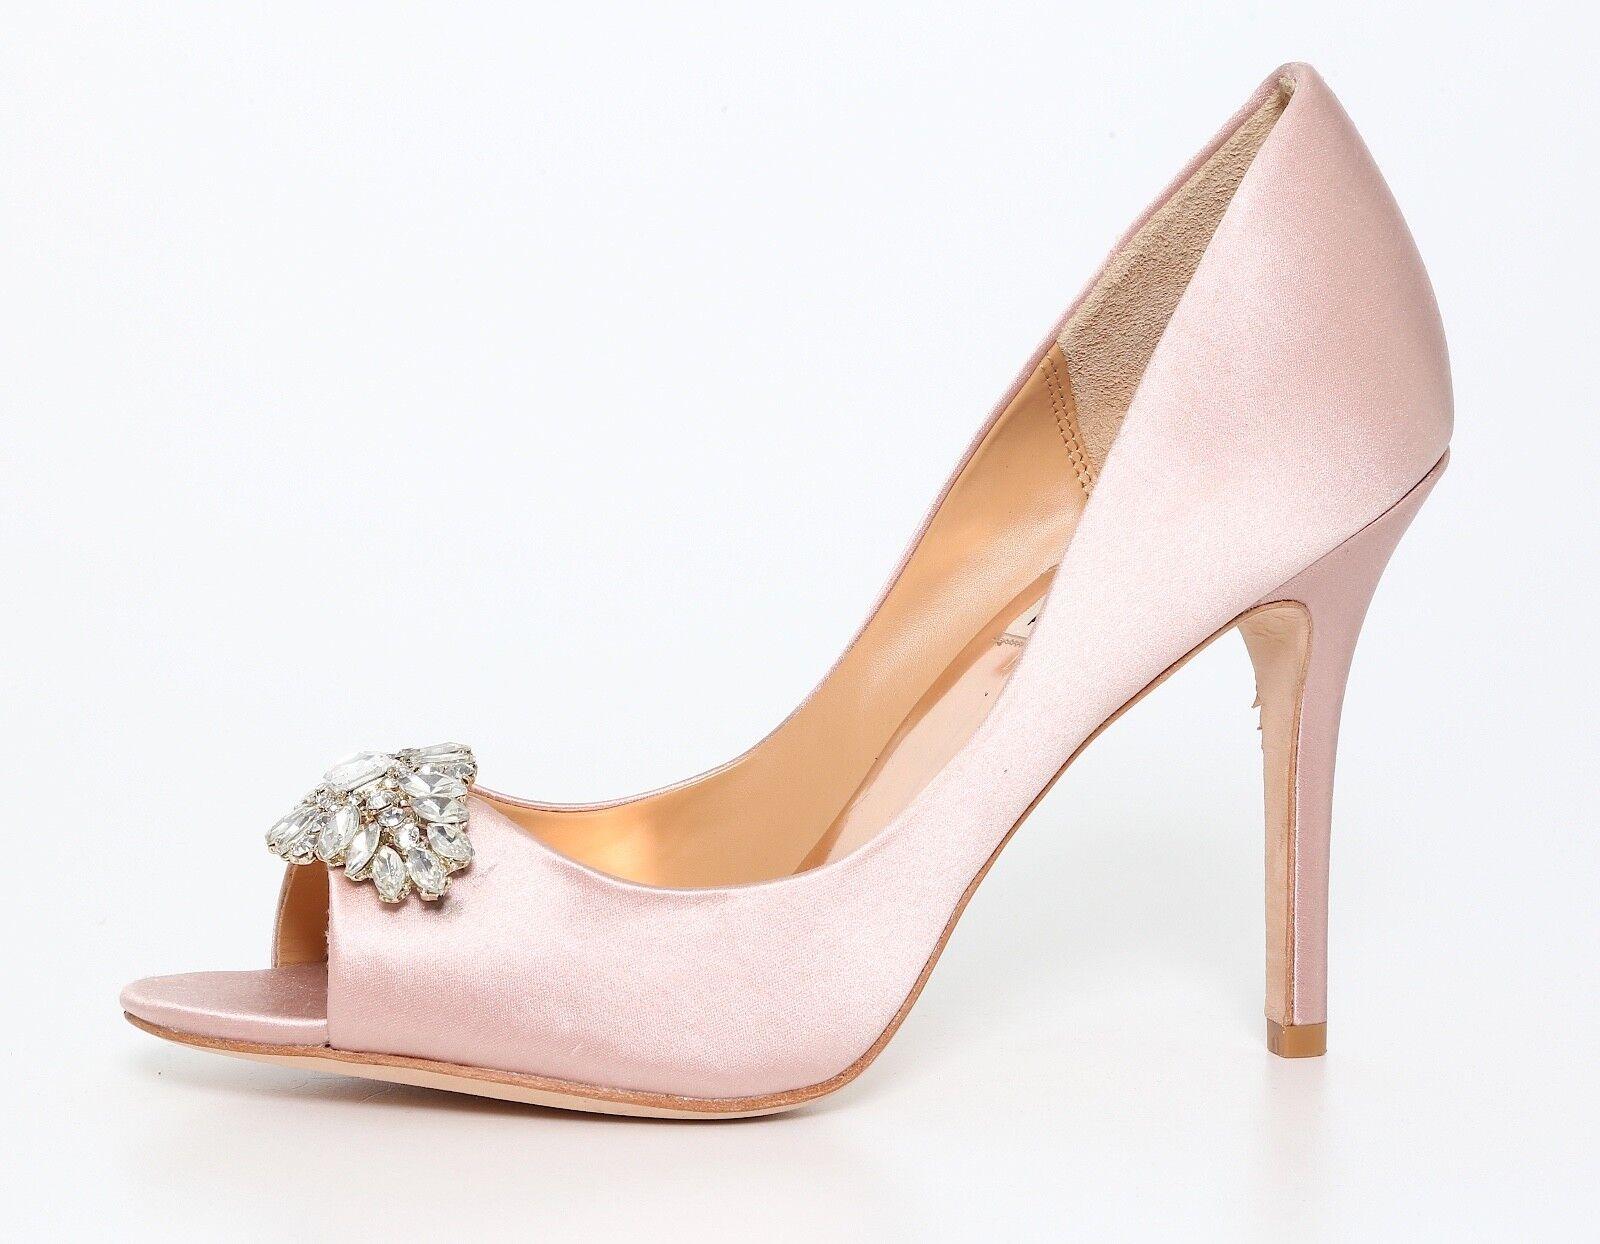 vendite online Badgley Mischka Lavender Peep Toe Satin Pump Light rosa rosa rosa donna Sz 8.5 M 1290  molte concessioni